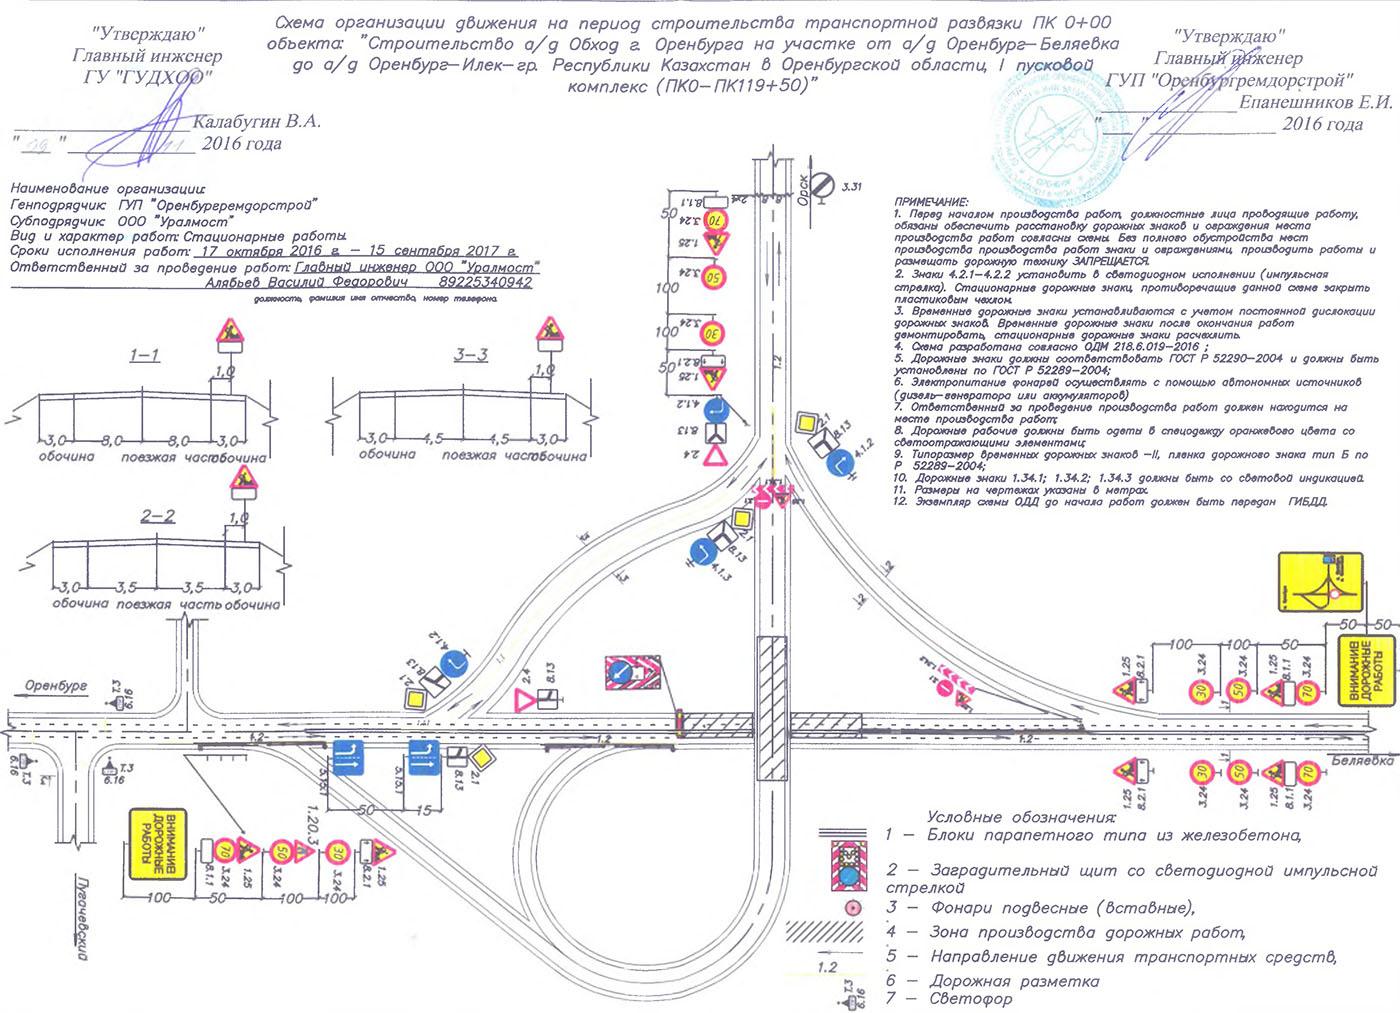 Где запросить схему дислокации дорожных знаков и разметки